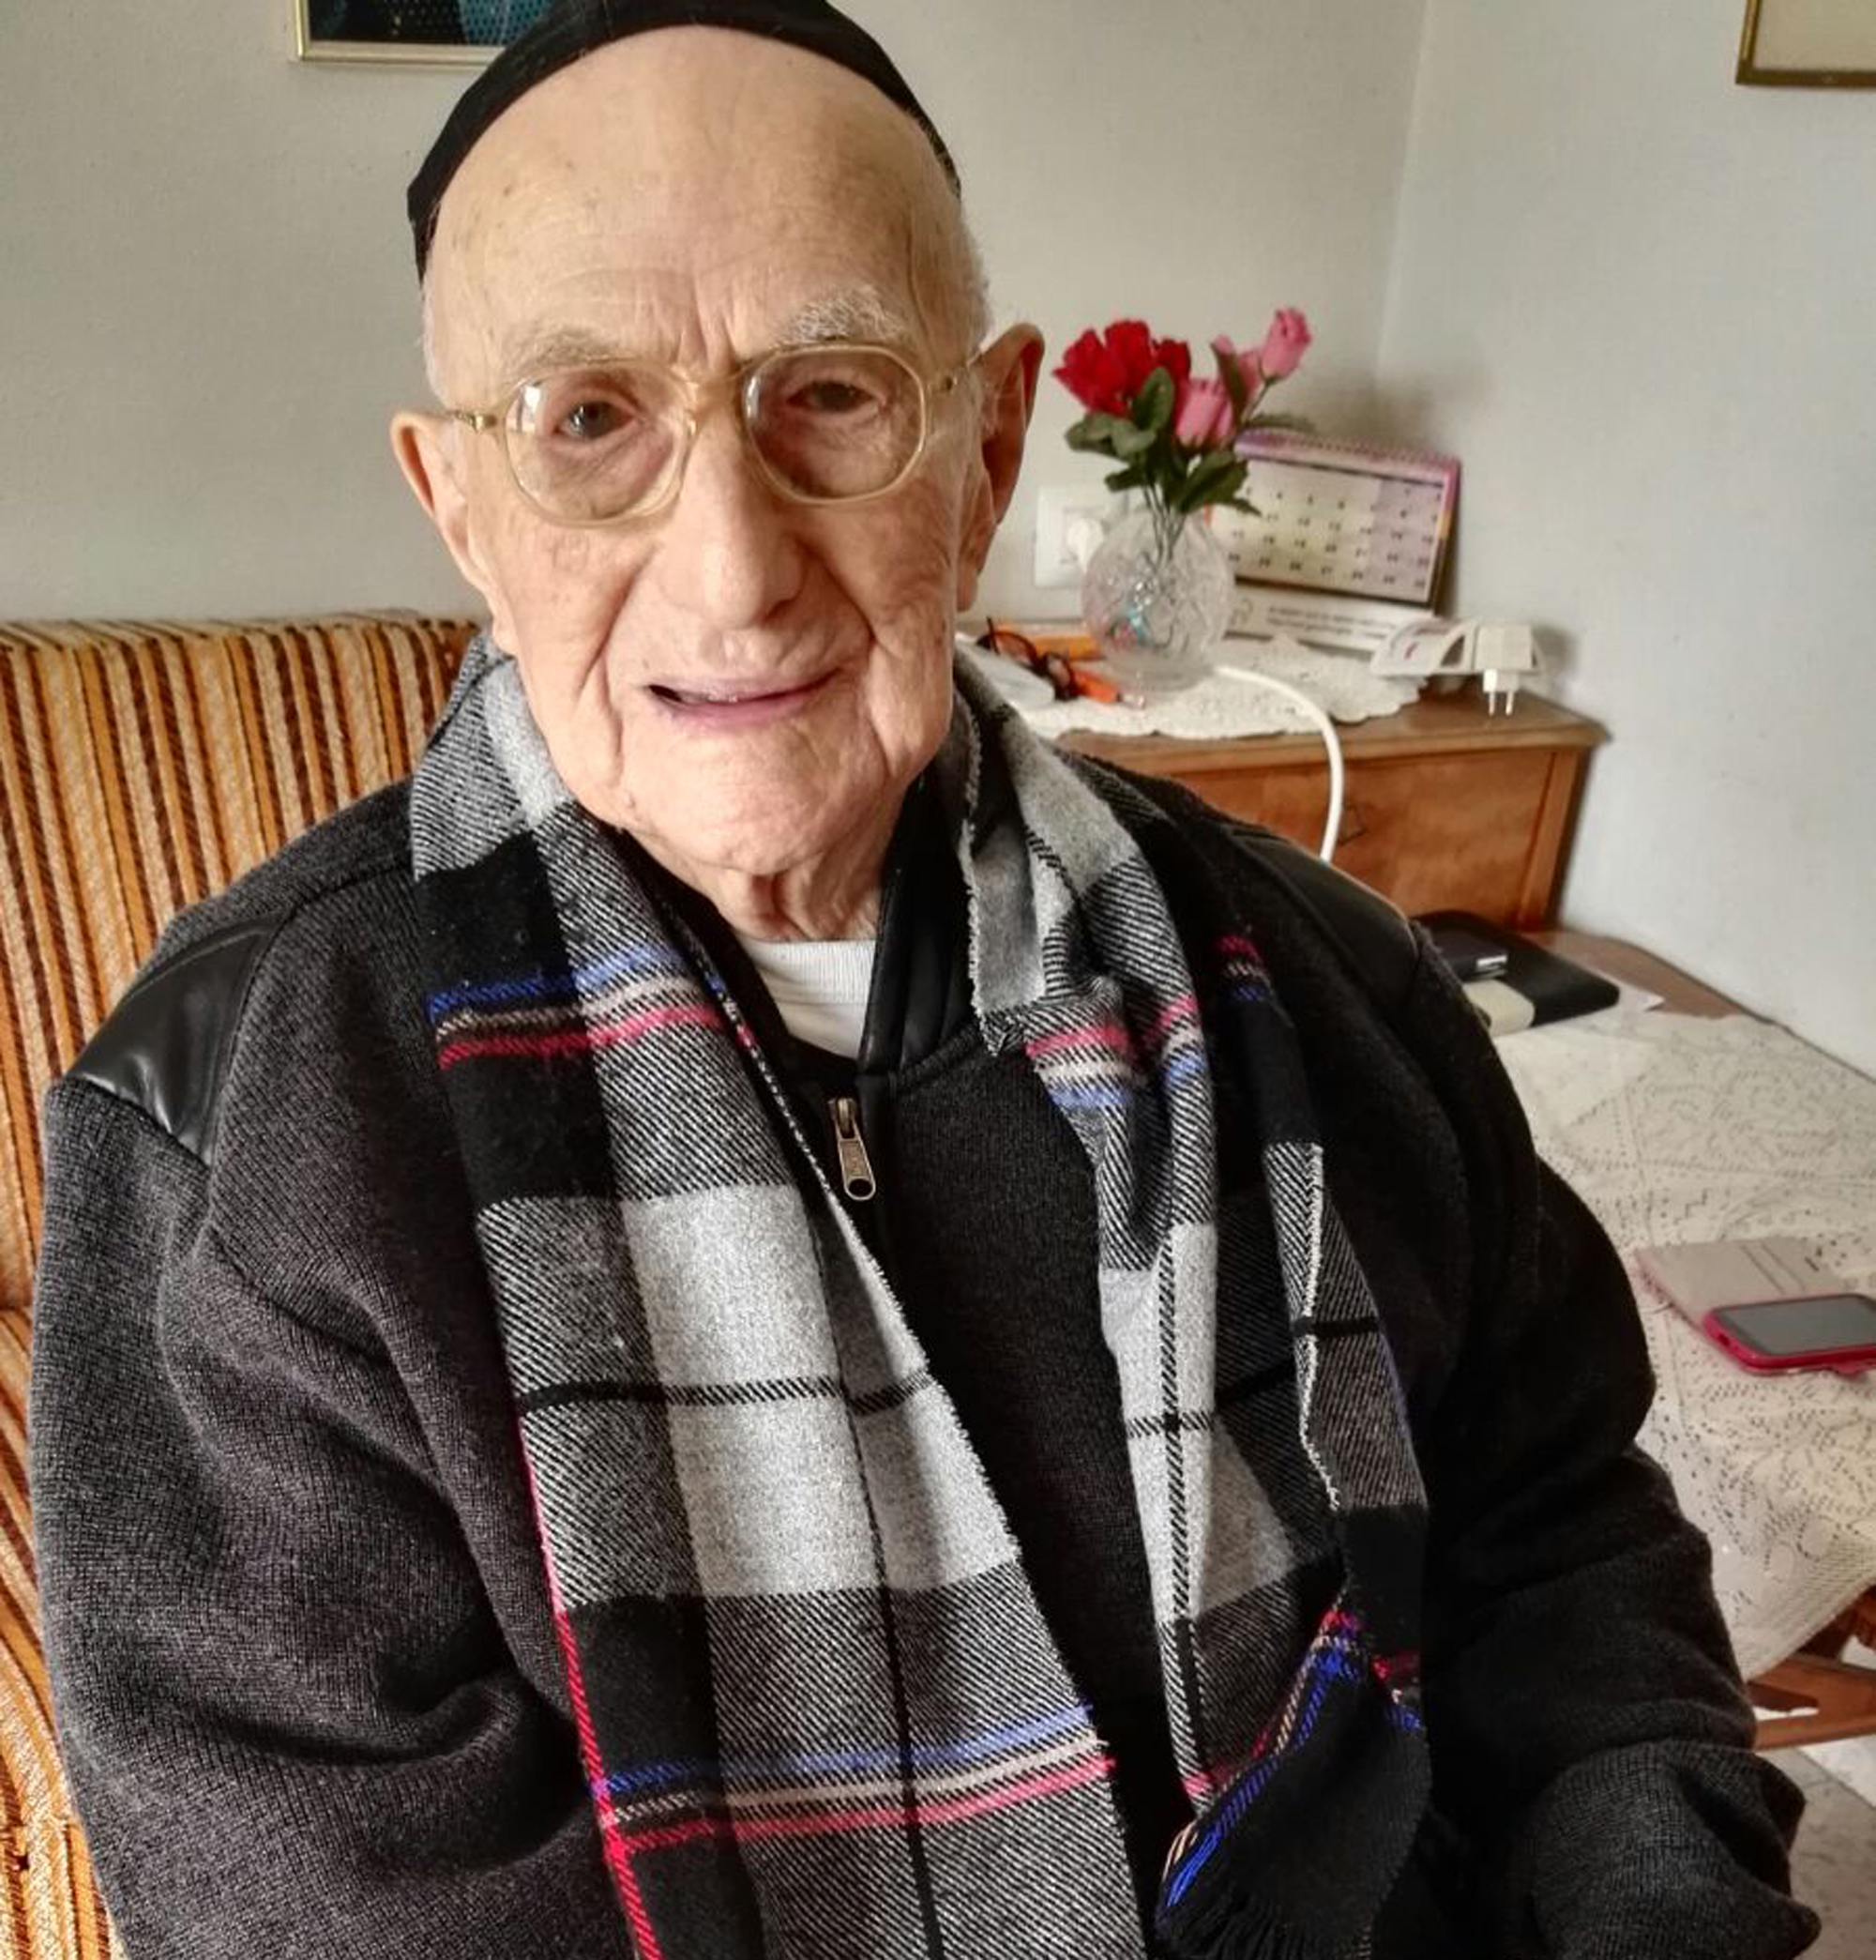 Elhunyt a világ legidősebb férfija, a holokauszttúlélő Jiszrael Krisztal